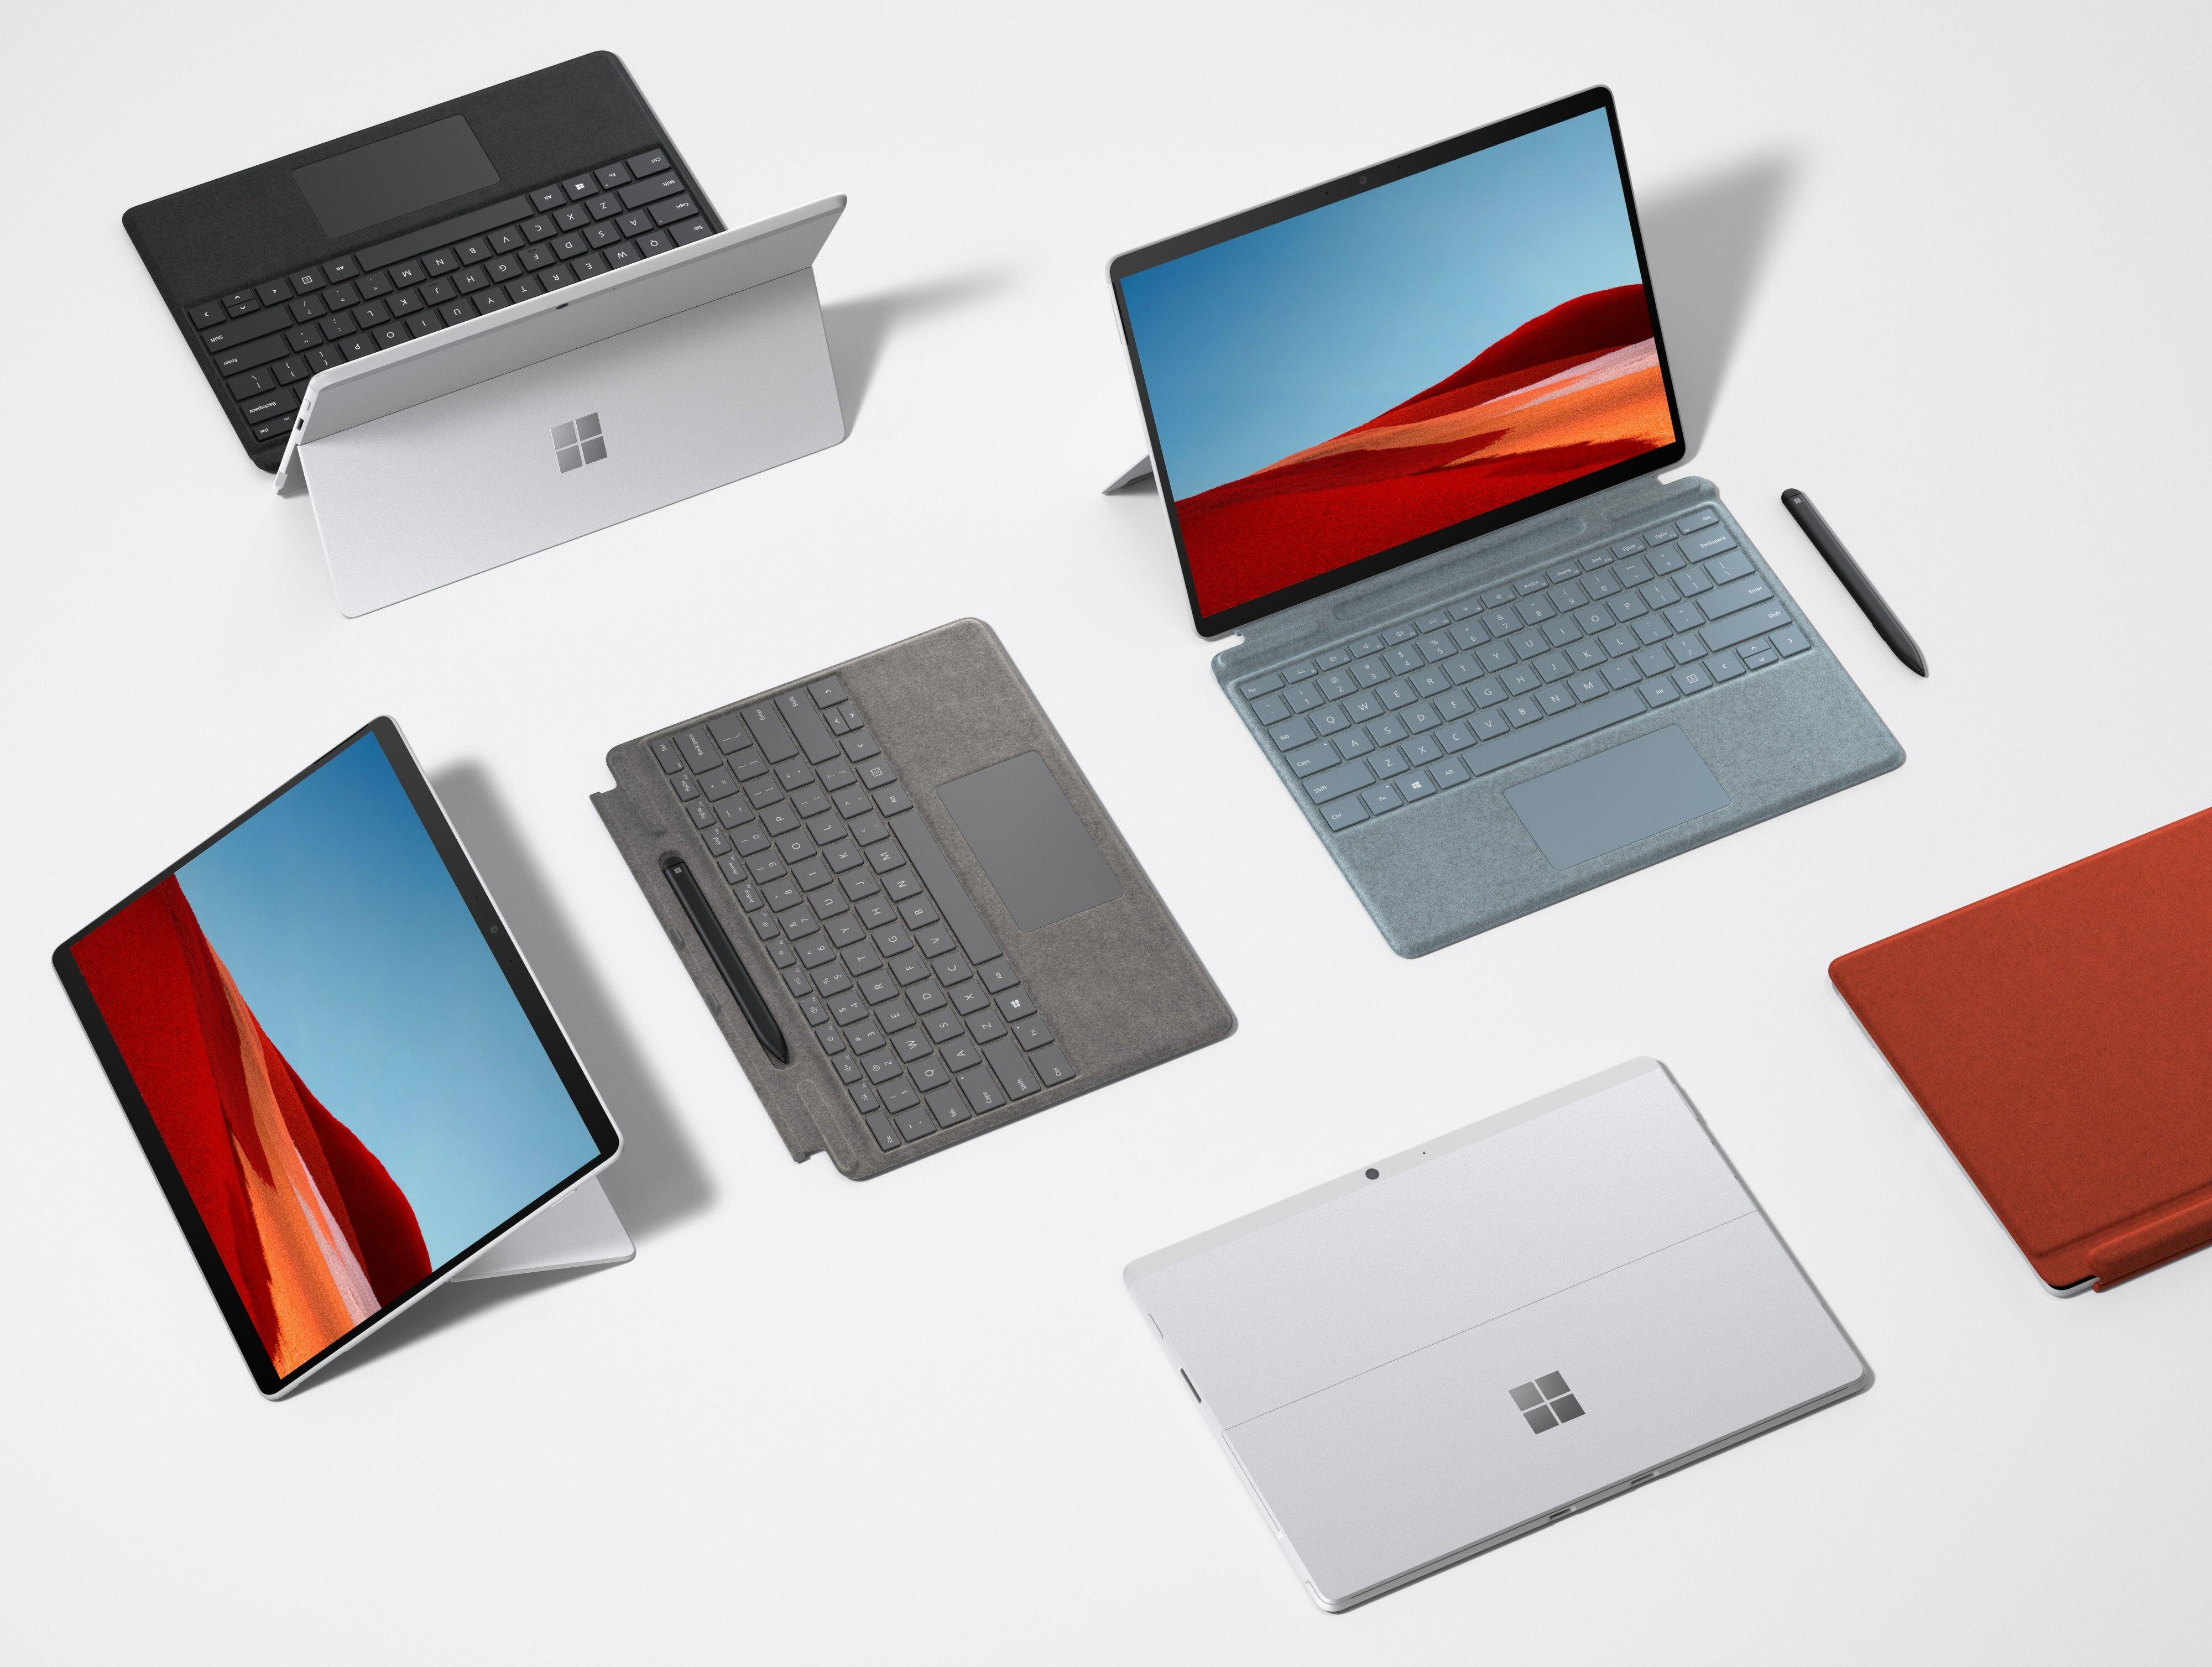 Surface Pro X får noen nye fargevalg, både når det gjelder selve datamaskinen og tastaturet.